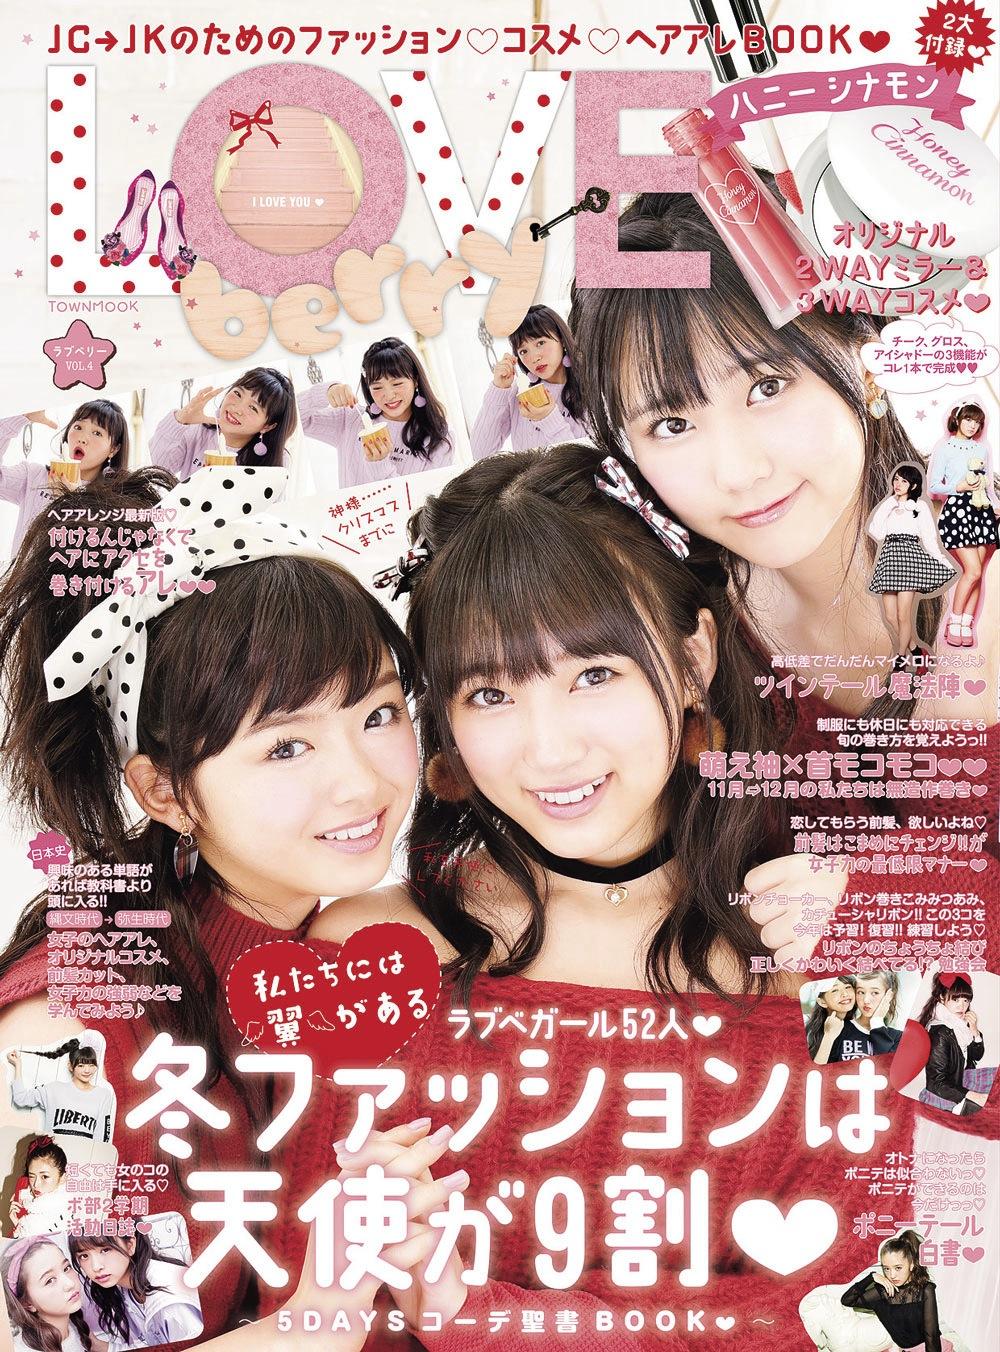 矢吹奈子&田中美久 LOVE berry vol.4